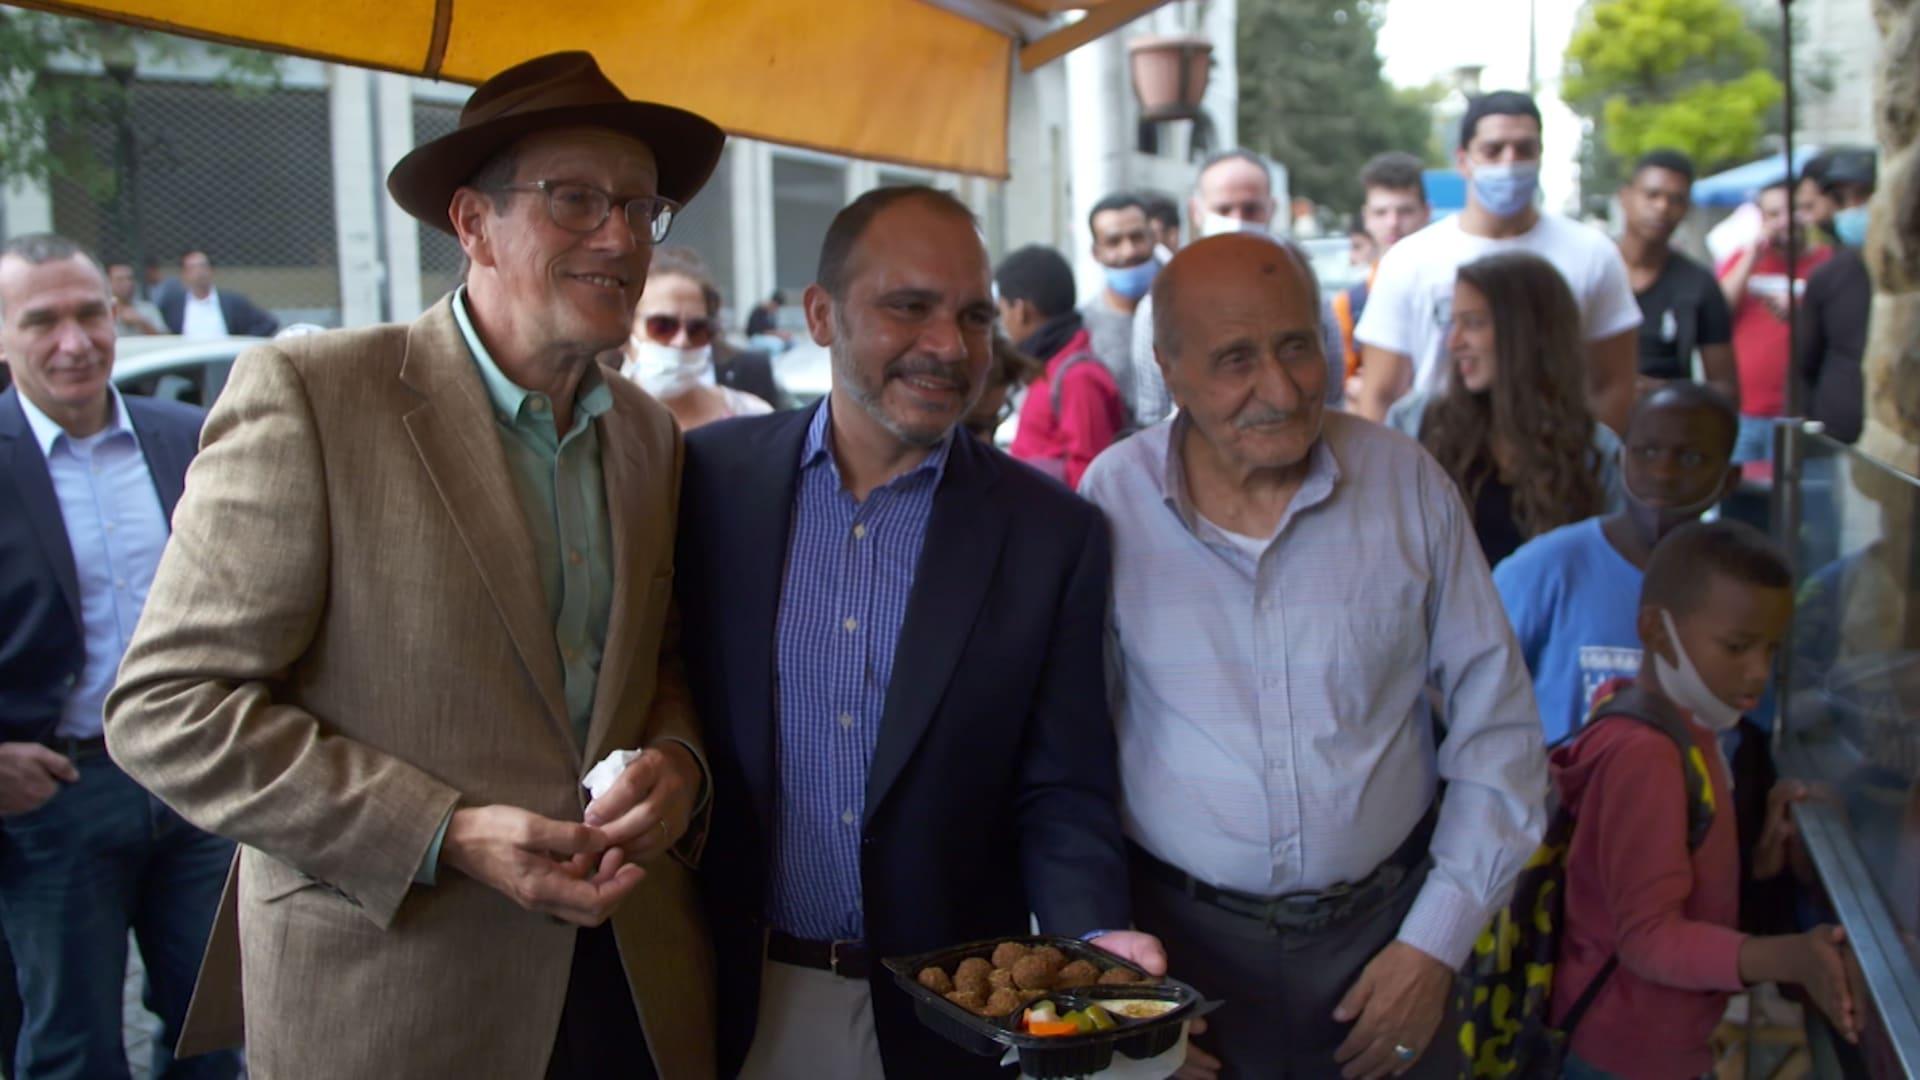 شاهد.. مذيع CNN يتناول الفلافل مع الأمير الأردني علي بن الحسين وسط شوارع عمّان